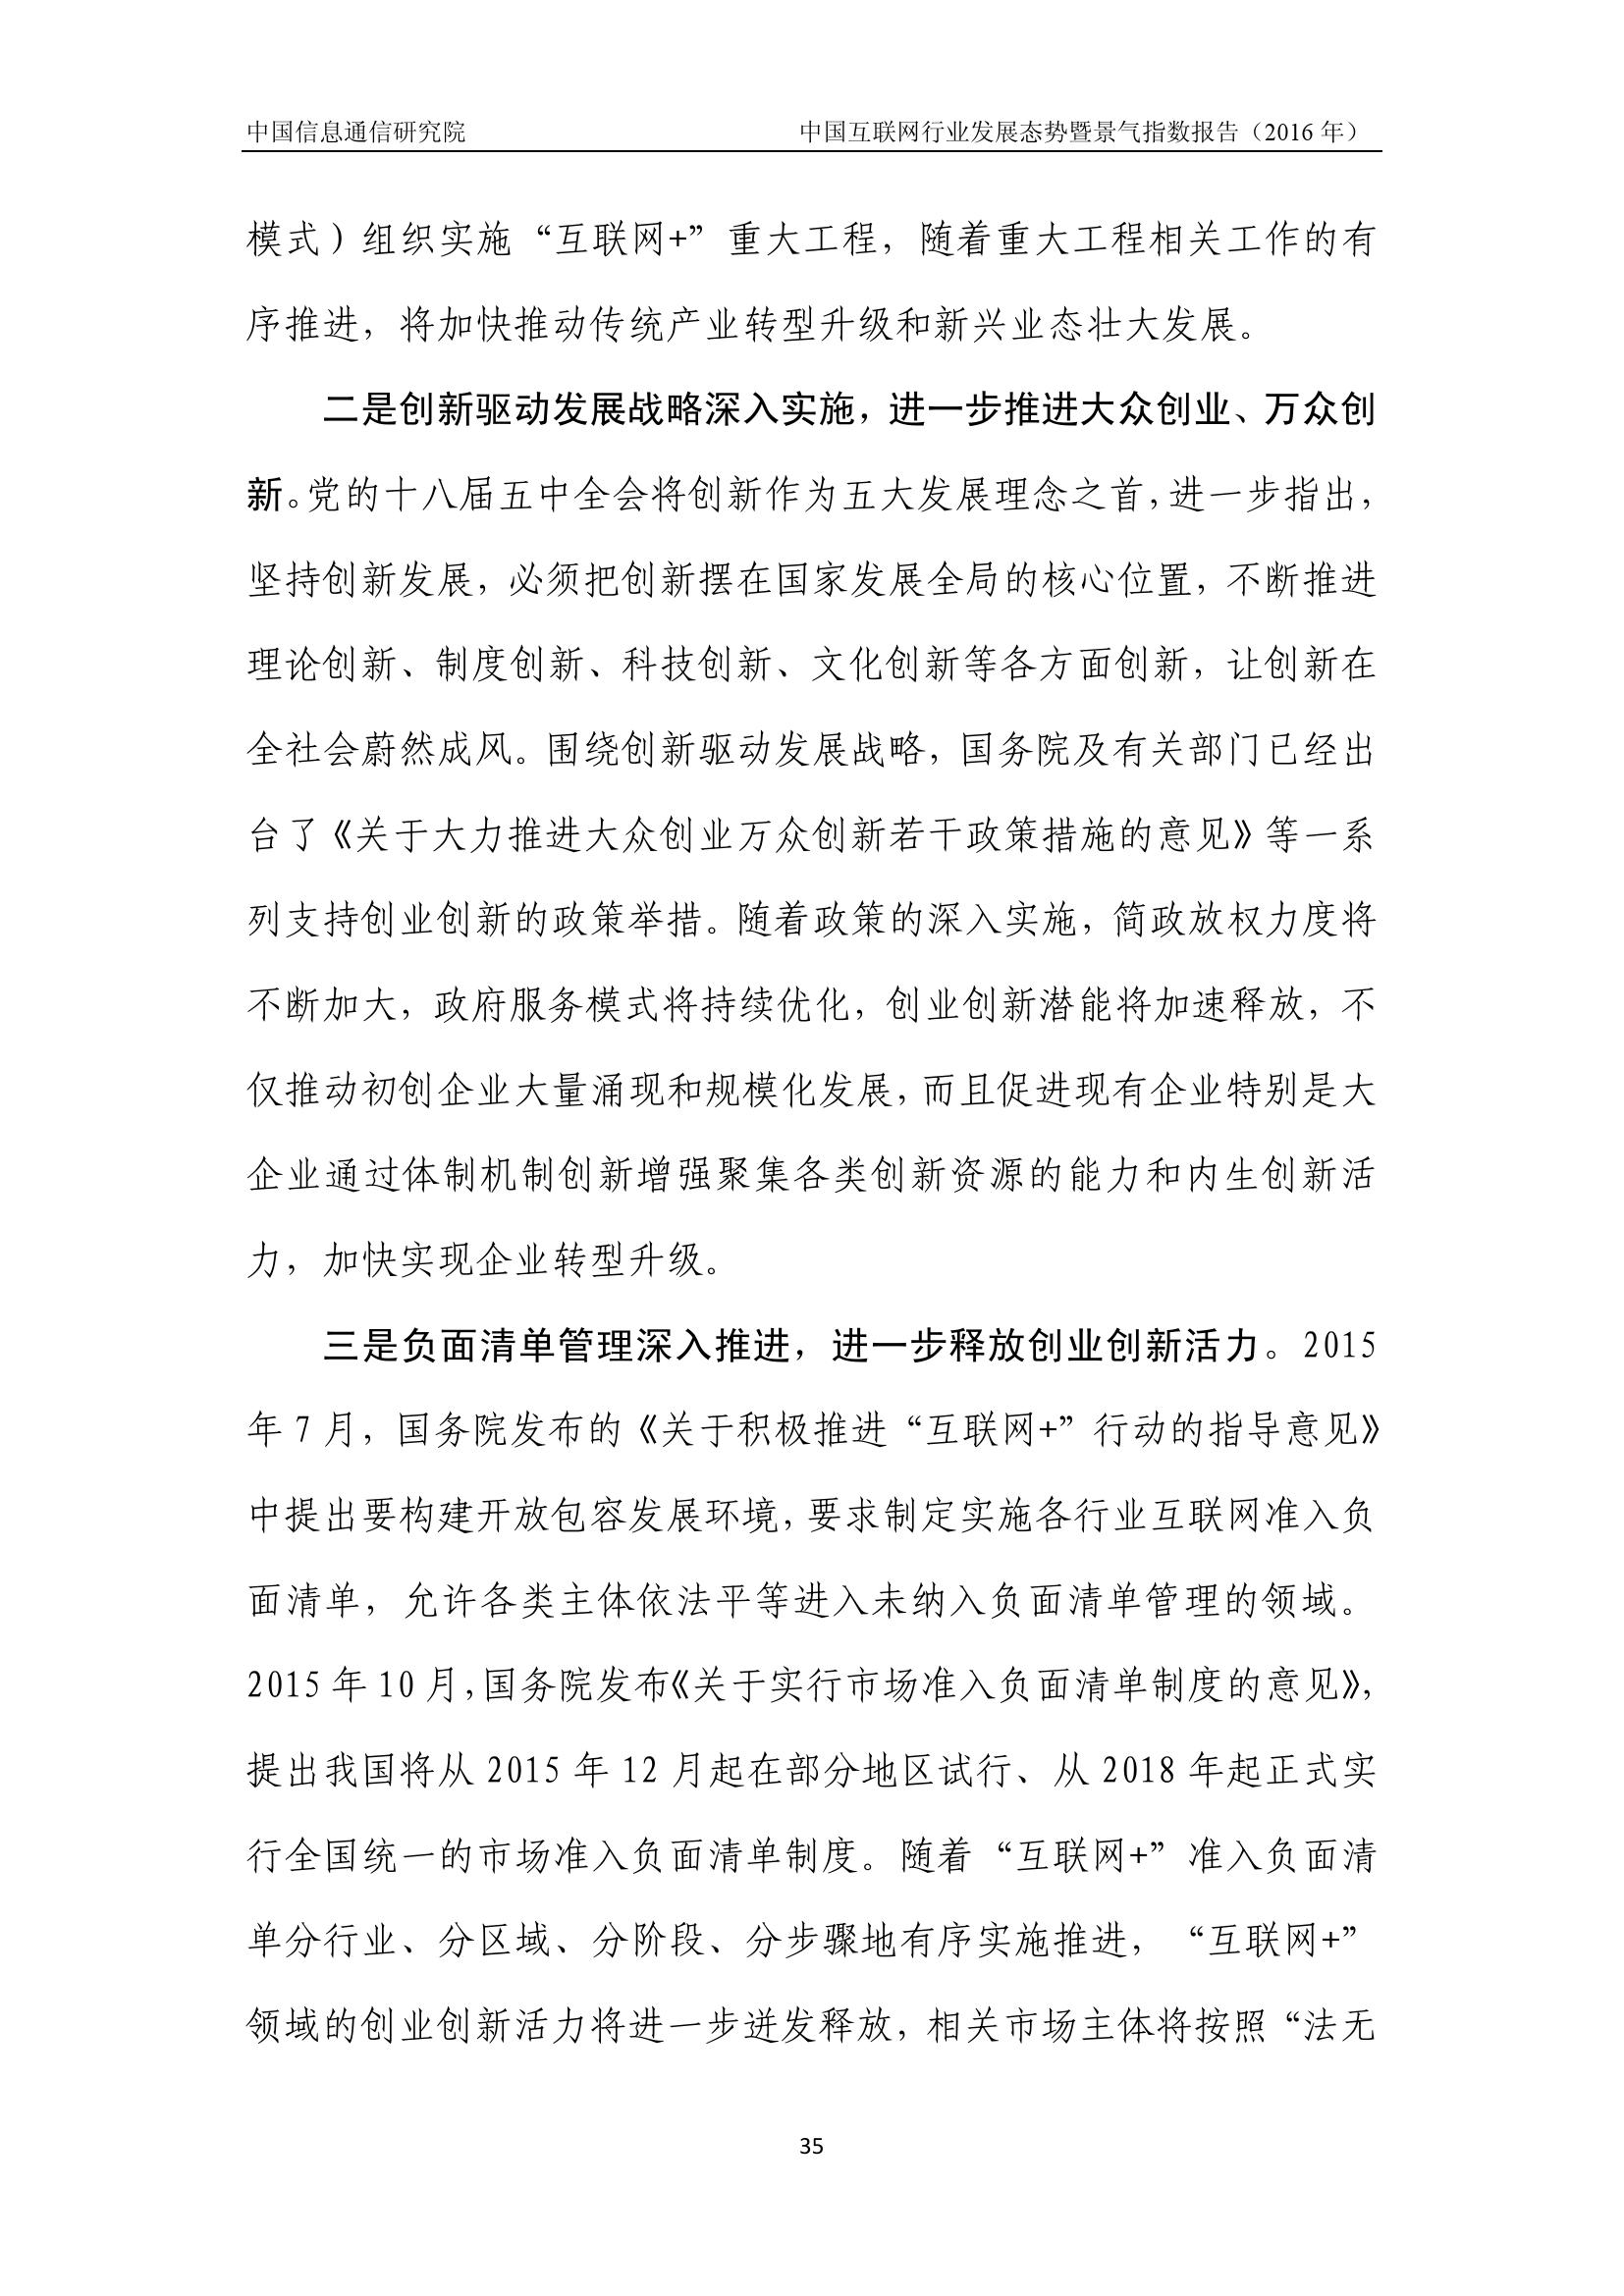 2016年中国互联网行业发展态势暨景气指数报告_000039